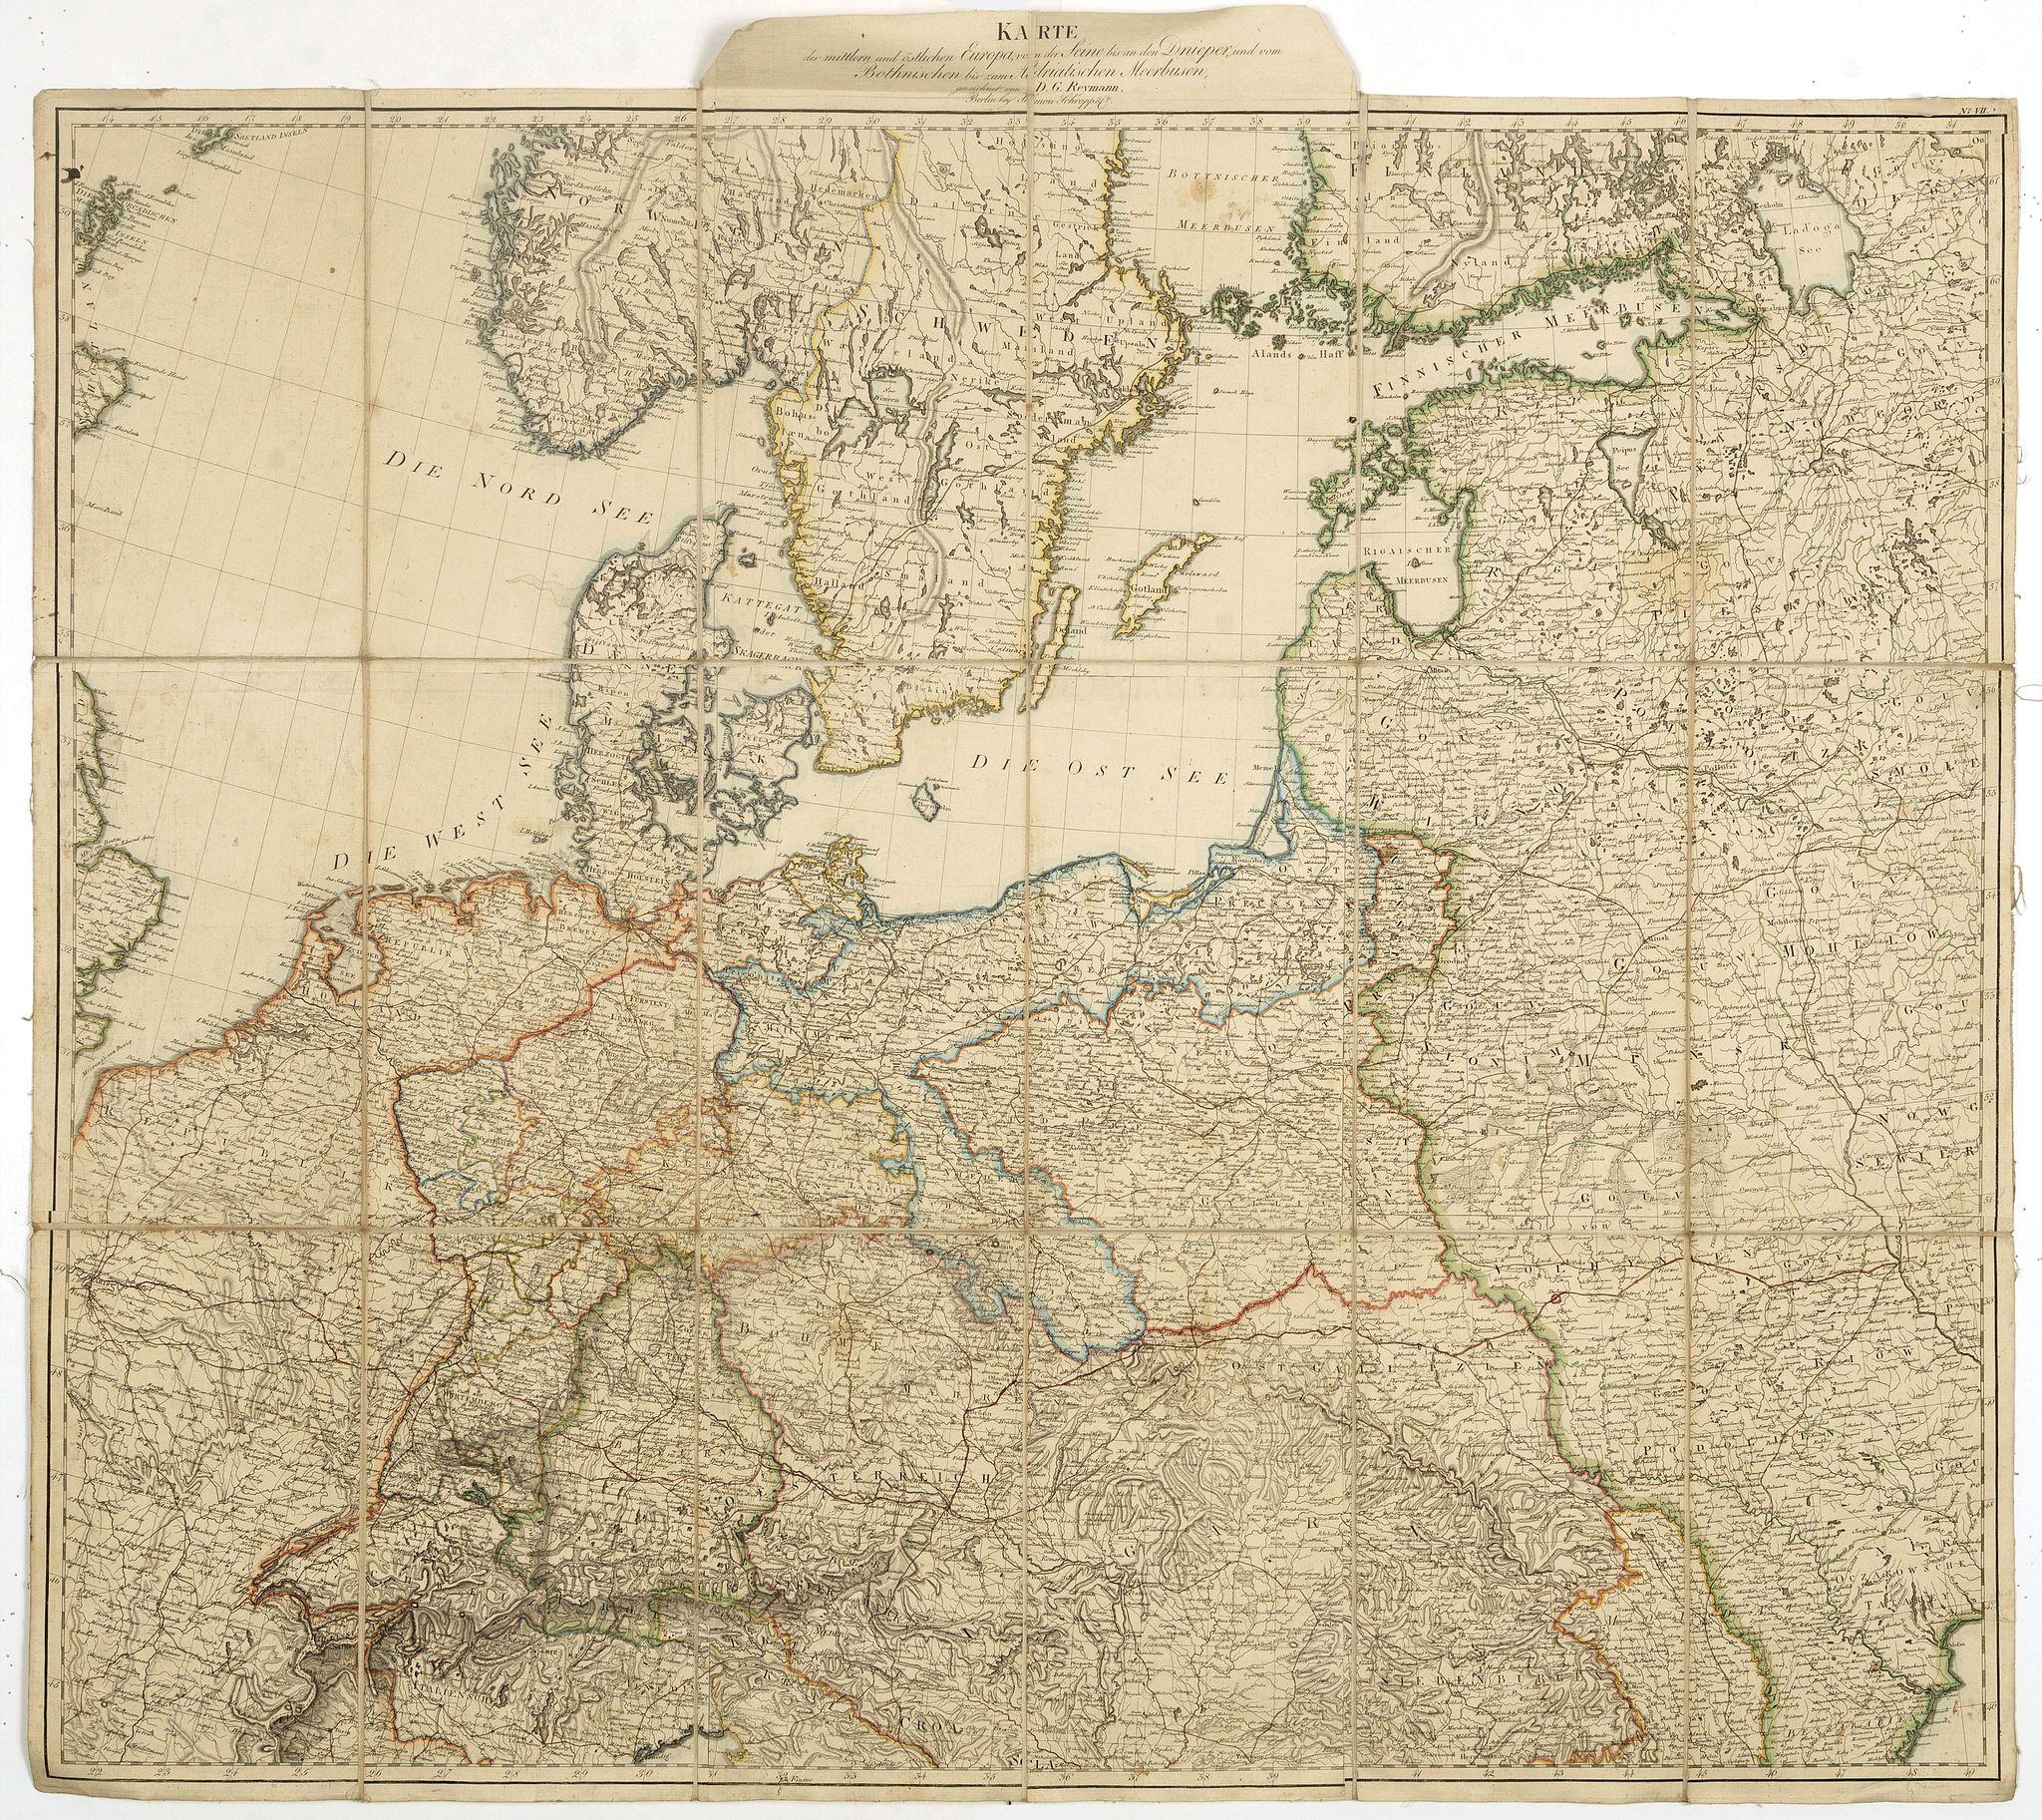 REYMANN, D. G. -  Karte des mittlern und östlichen Europa, von der Seine bis an der Dnieper. . .